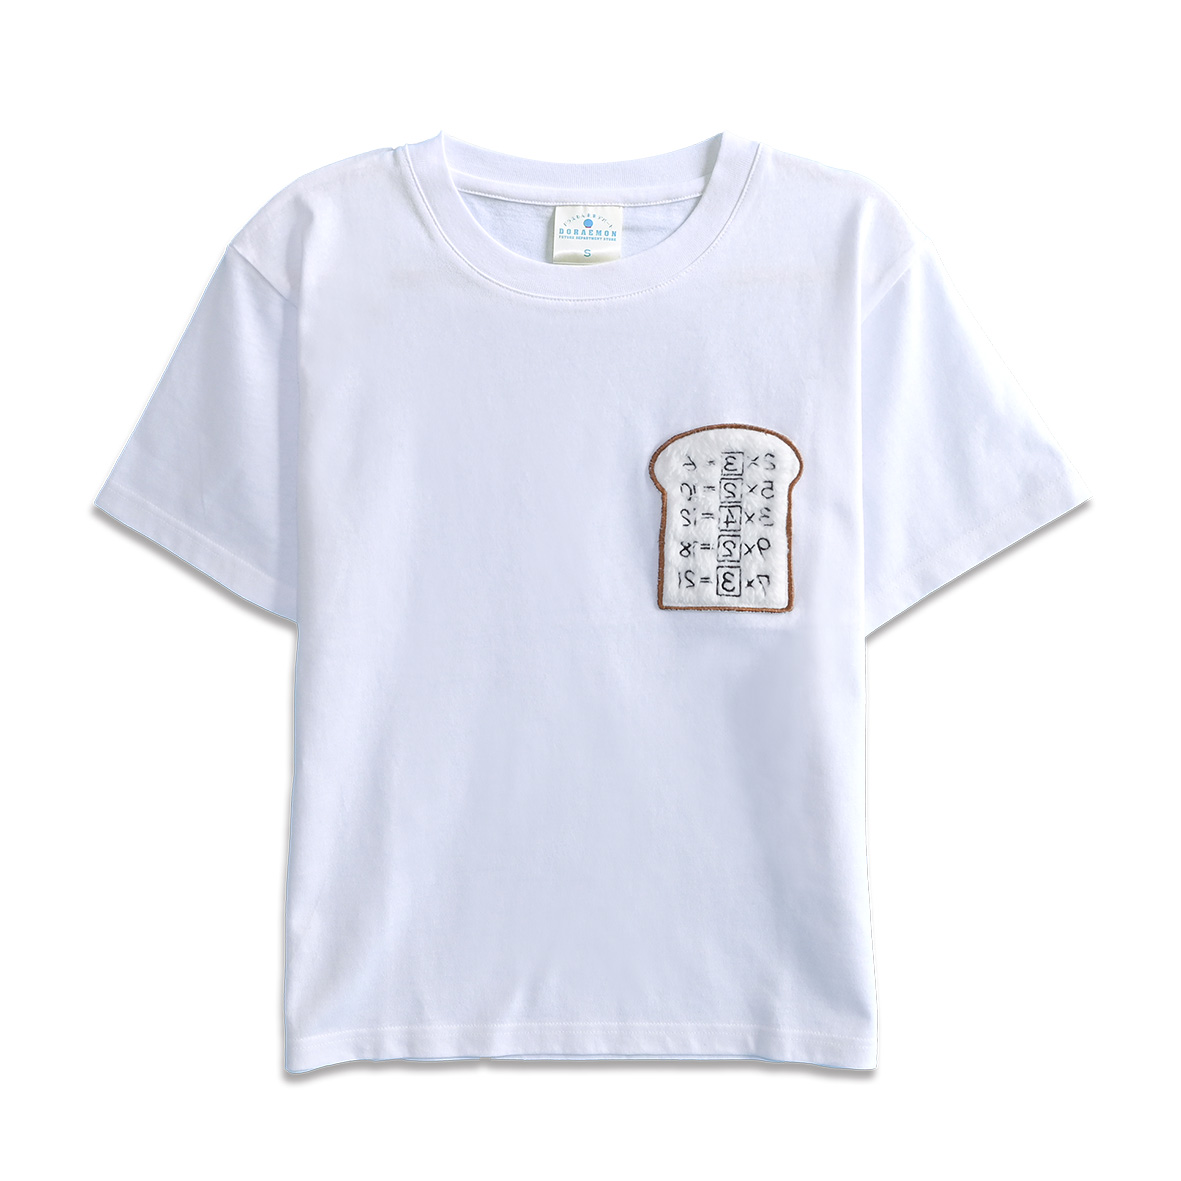 ドラえもん ポケットTシャツ アンキパン M